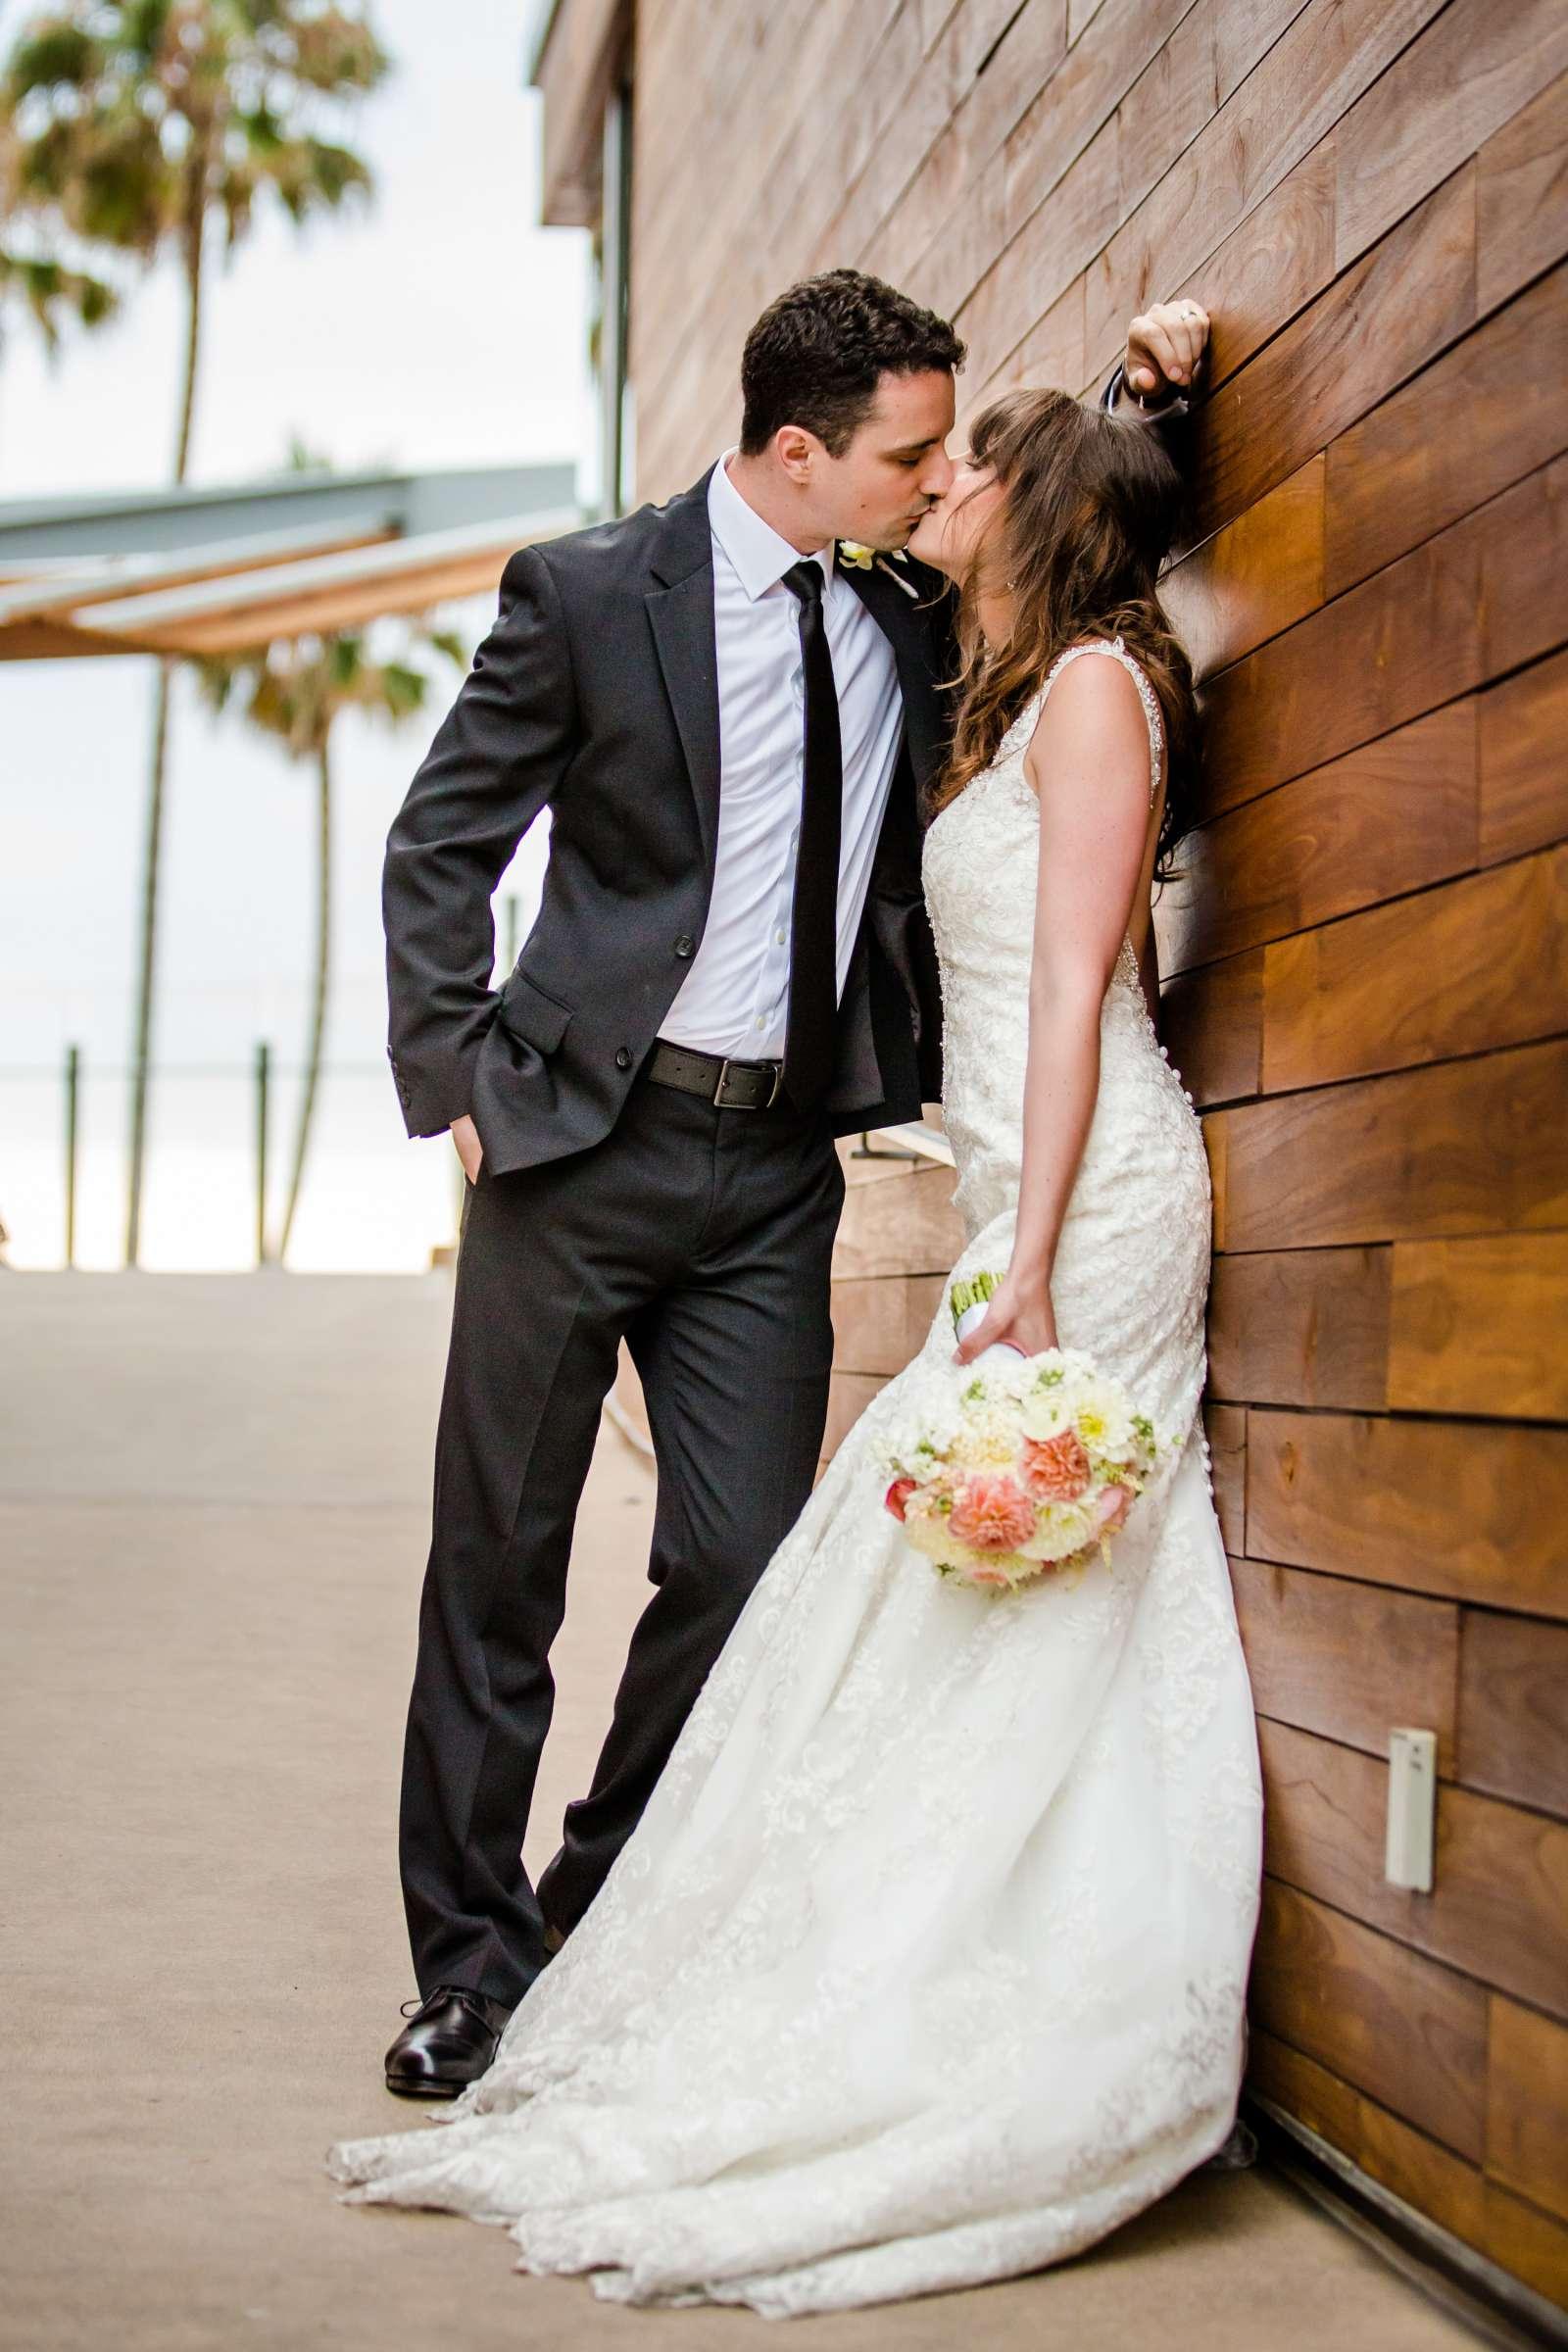 941d9c40c7 The White Flower Bridal Boutique   San Diego Photographer - True ...